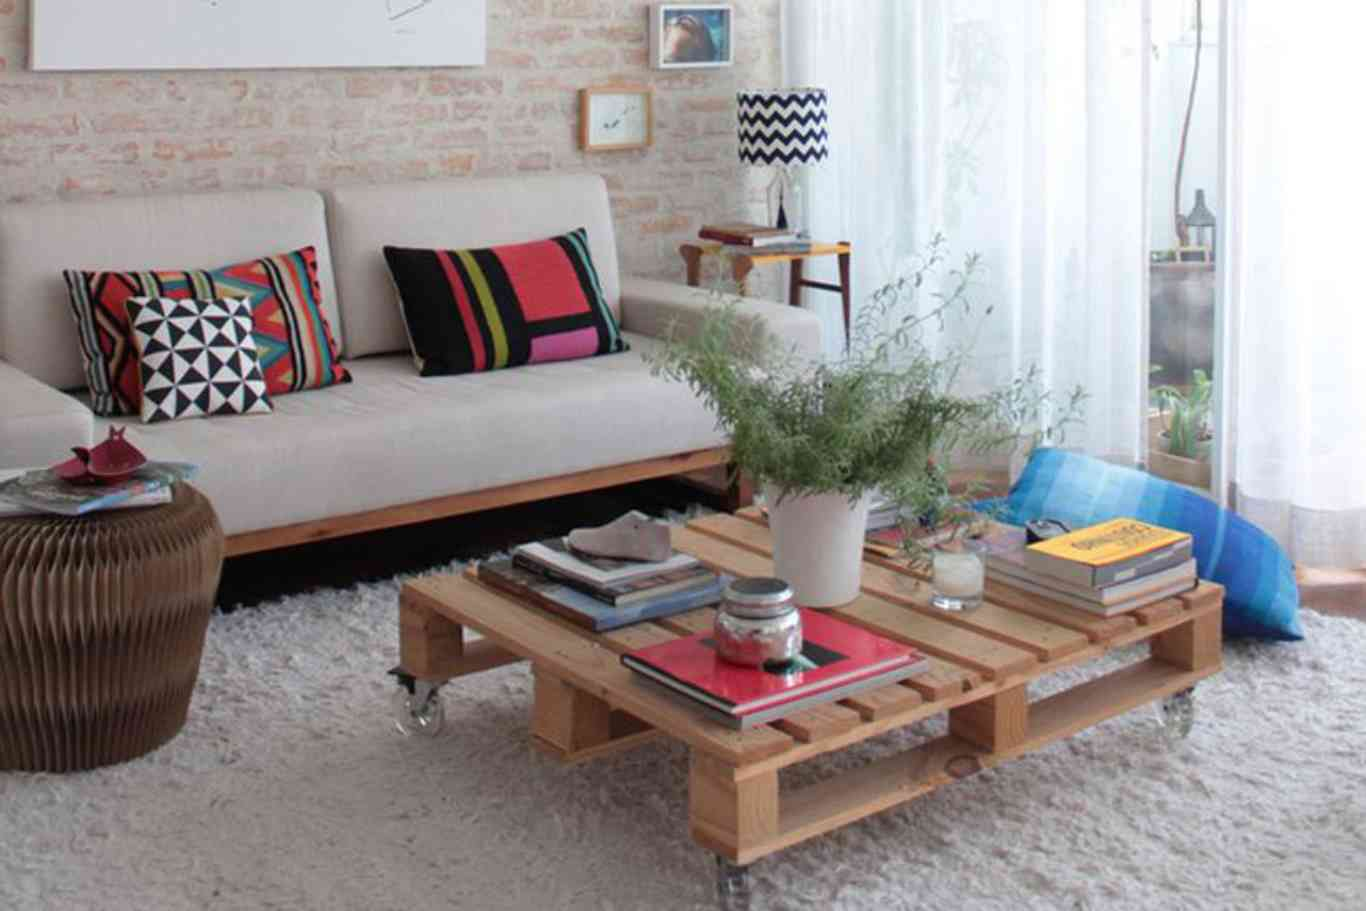 Decoraci n con palets dale el toque m s cool a tu casa - Decoracion con pallets ...